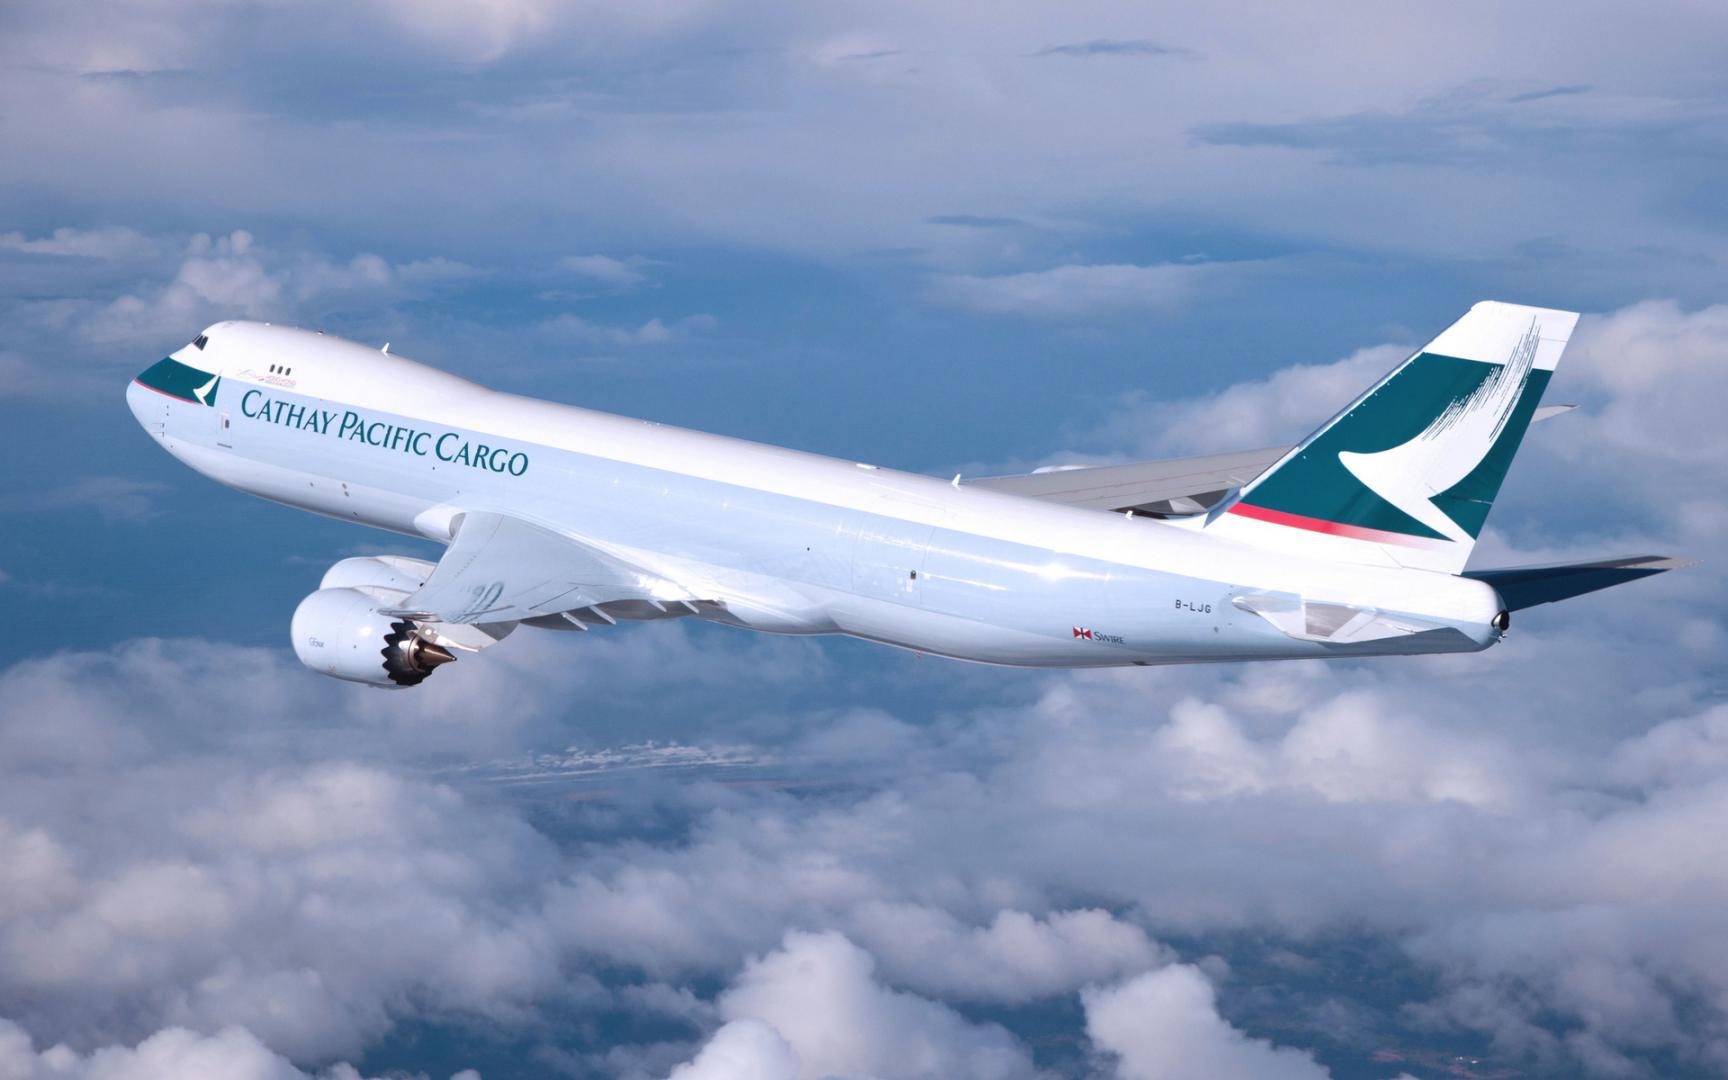 Боинг 747 в небе, обои на рабочий стол авиация самолеты, 1920 на 1200 пикселей